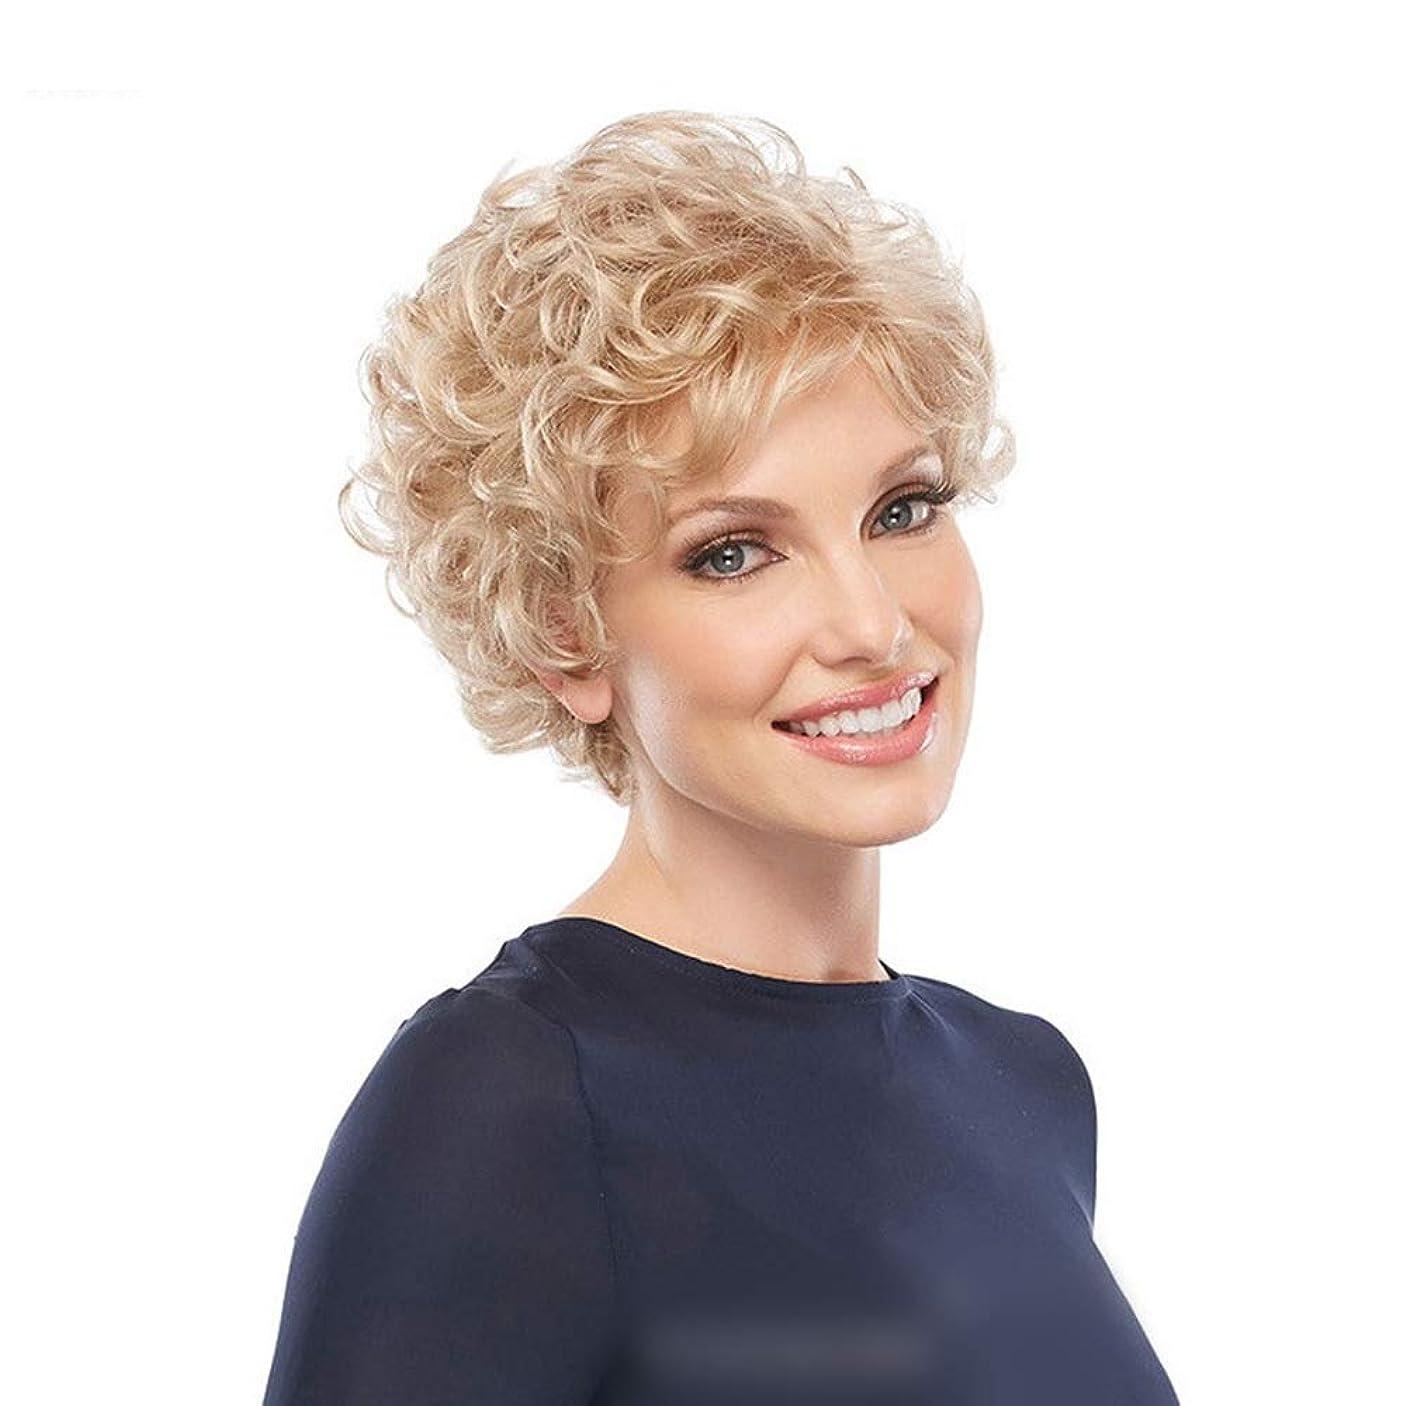 膨らみシンプルさ倉庫Yrattary 毎日の女性のための古典的なブロンドのかつら短い巻き毛ボブスタイル (色 : Blonde)